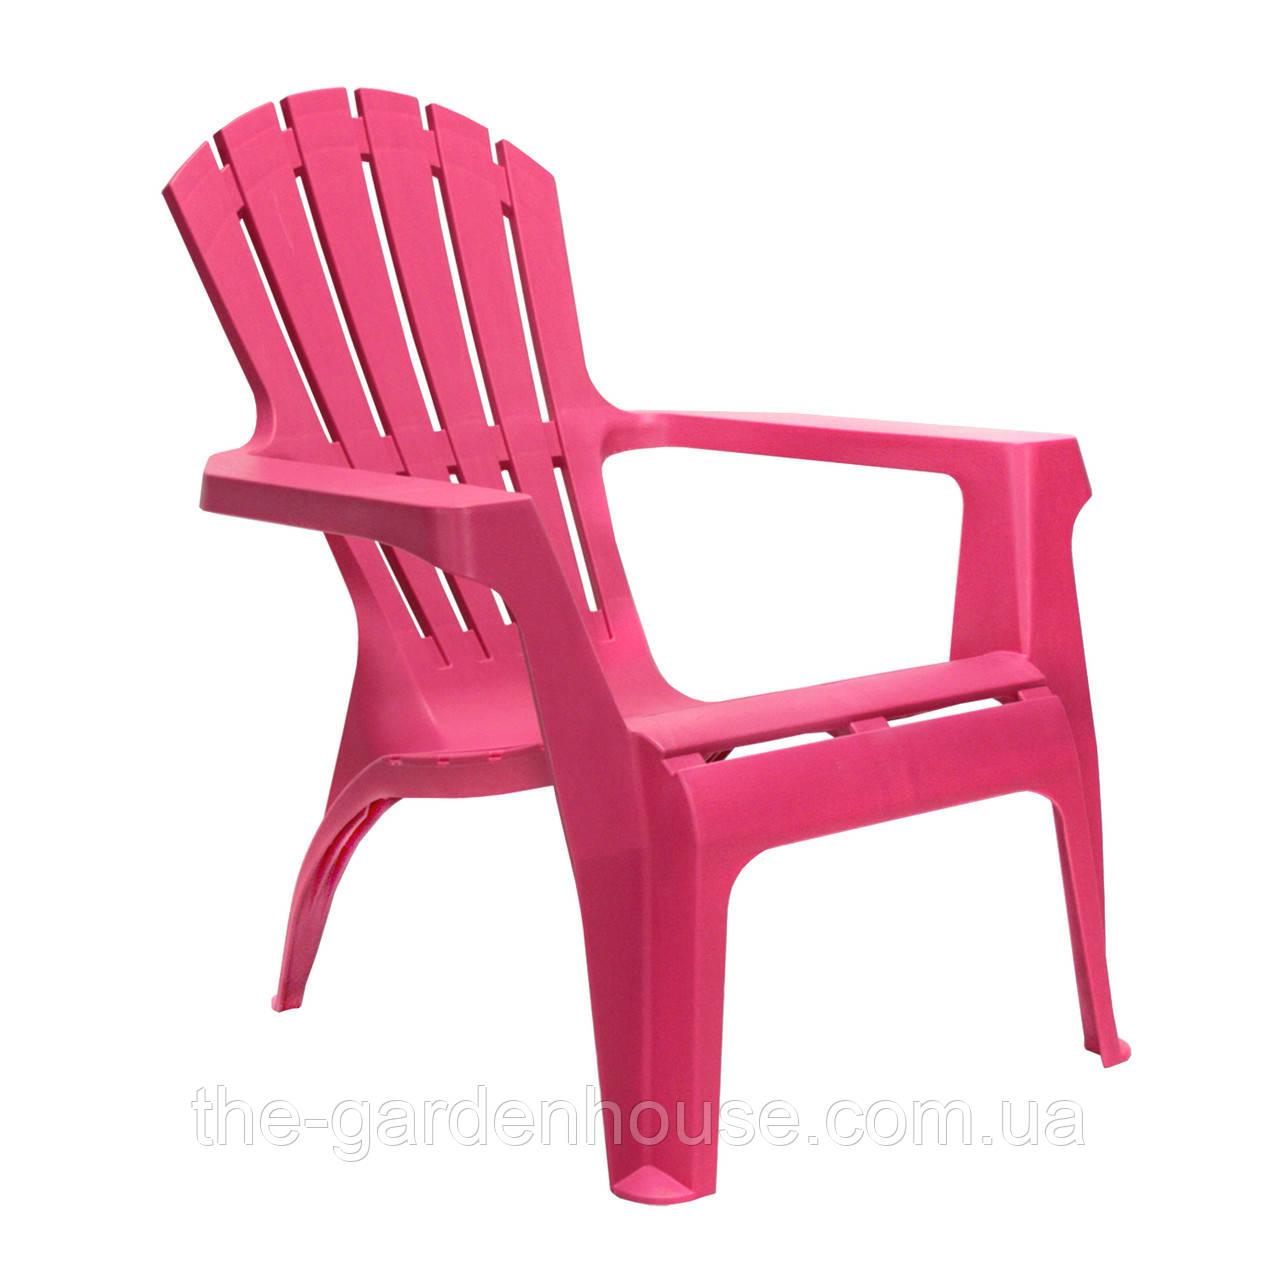 Садове пластикове крісло Dolomiti фуксія